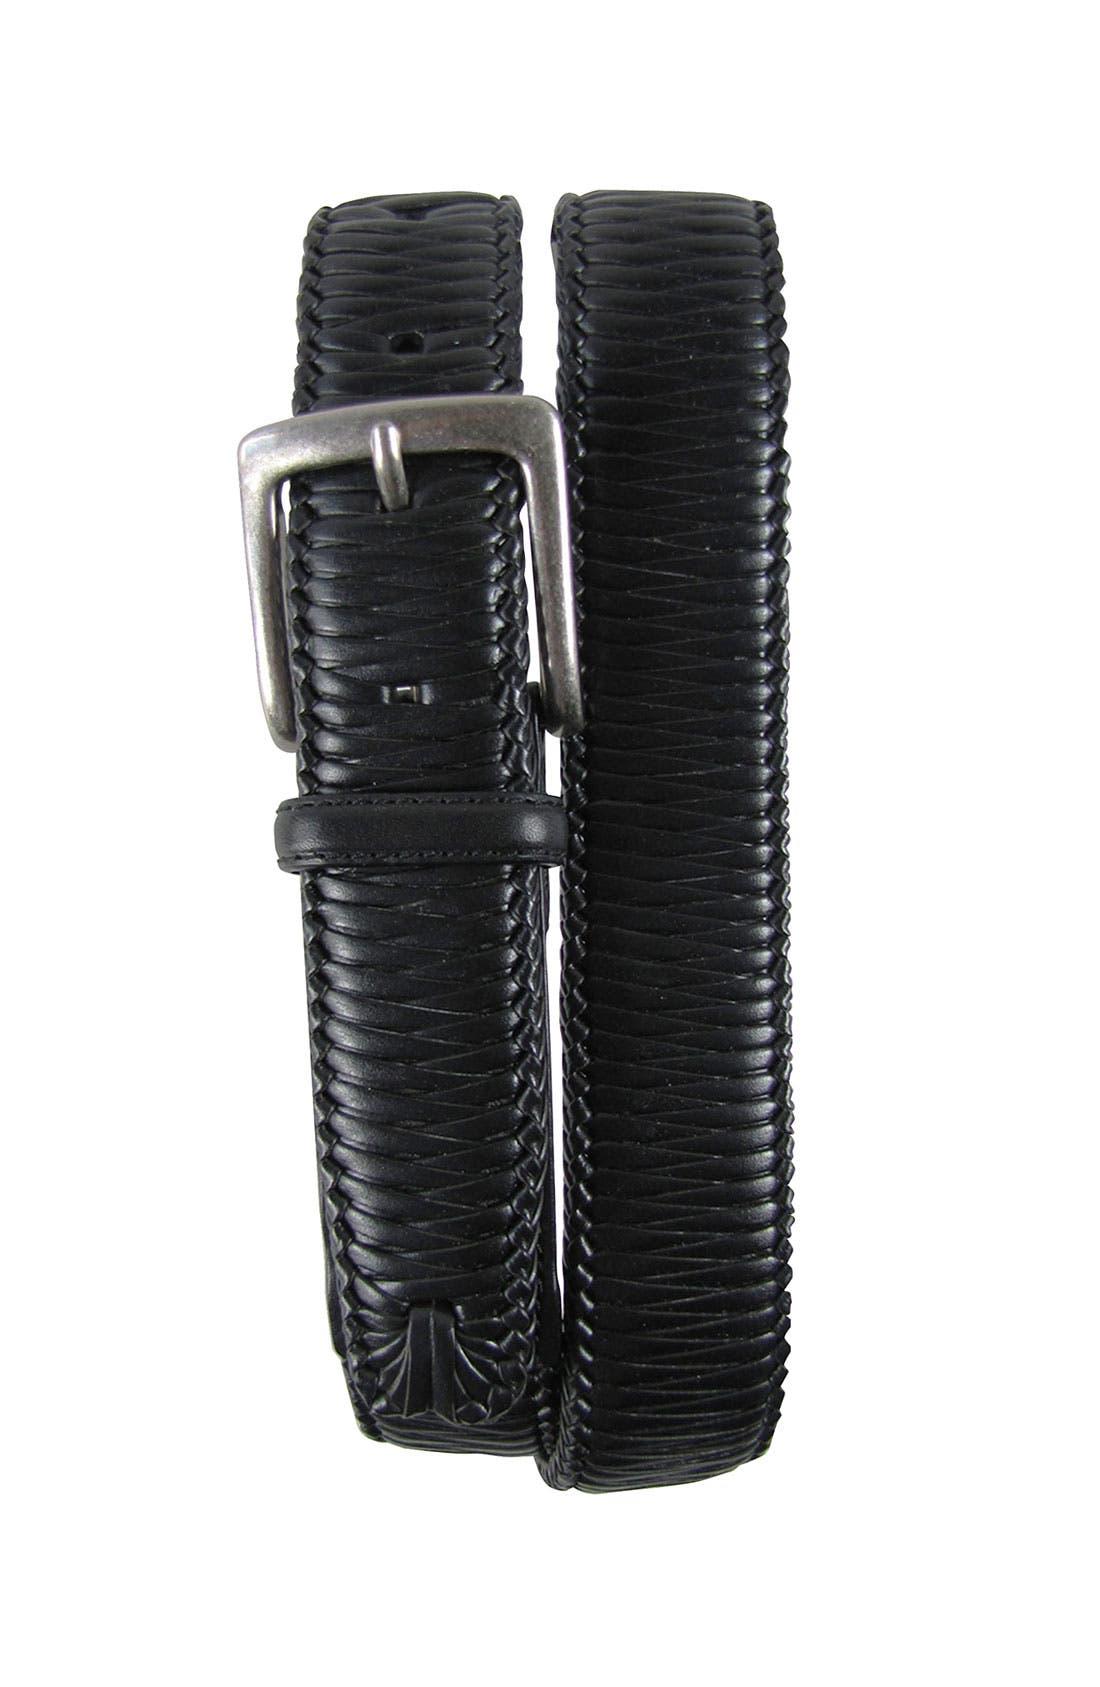 Tommy Bahama 'Largo' Woven Leather Belt